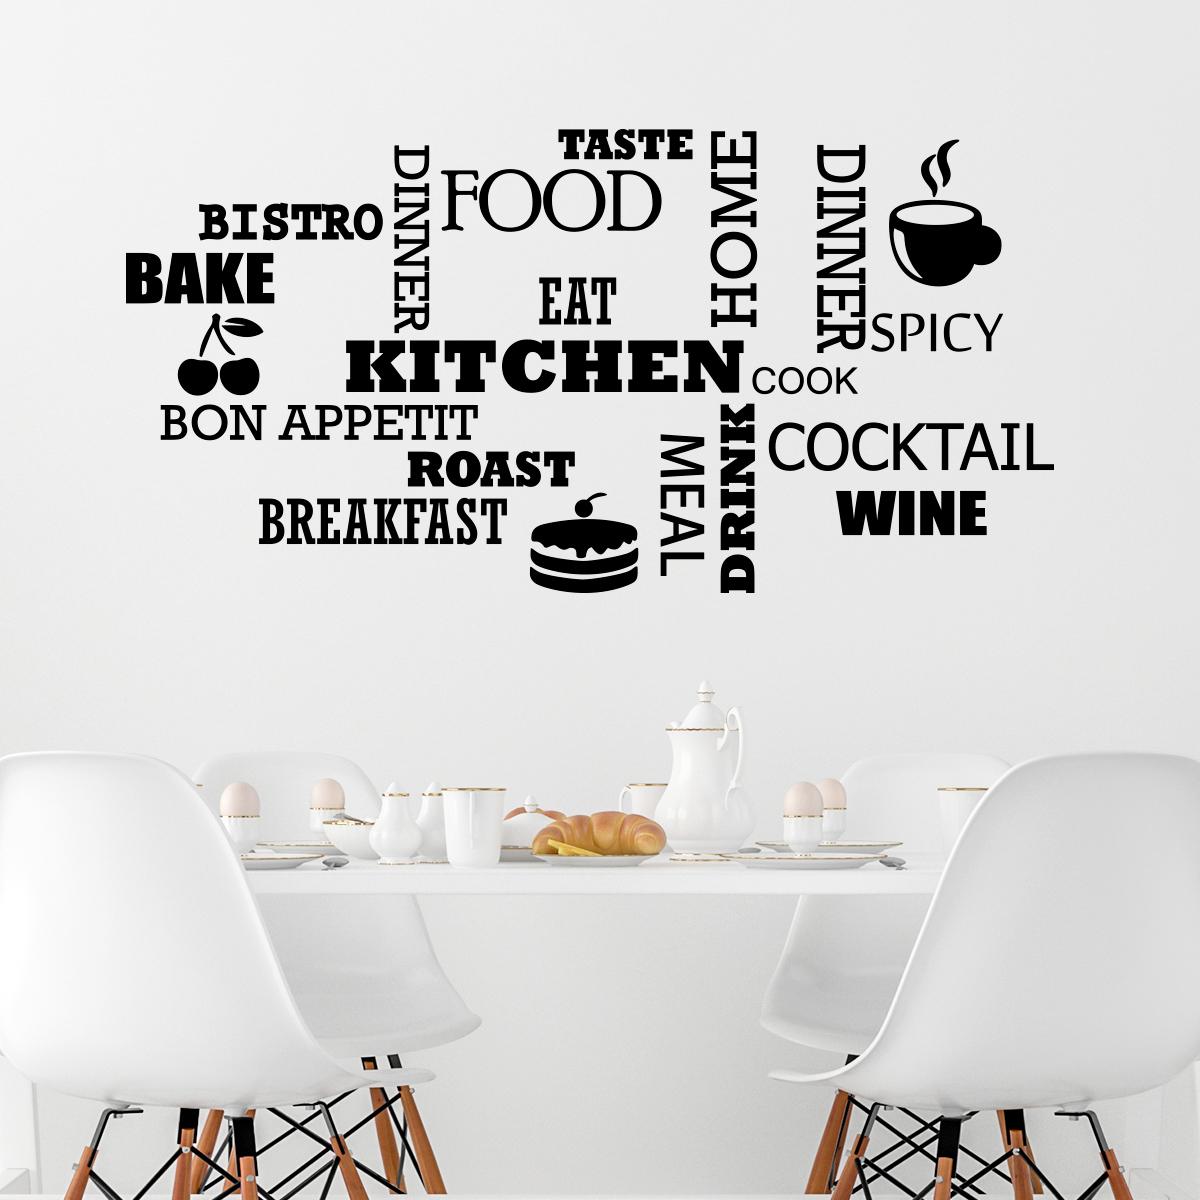 sticker citation cuisine bake kitchen wine stickers citations cuisine ambiance sticker. Black Bedroom Furniture Sets. Home Design Ideas